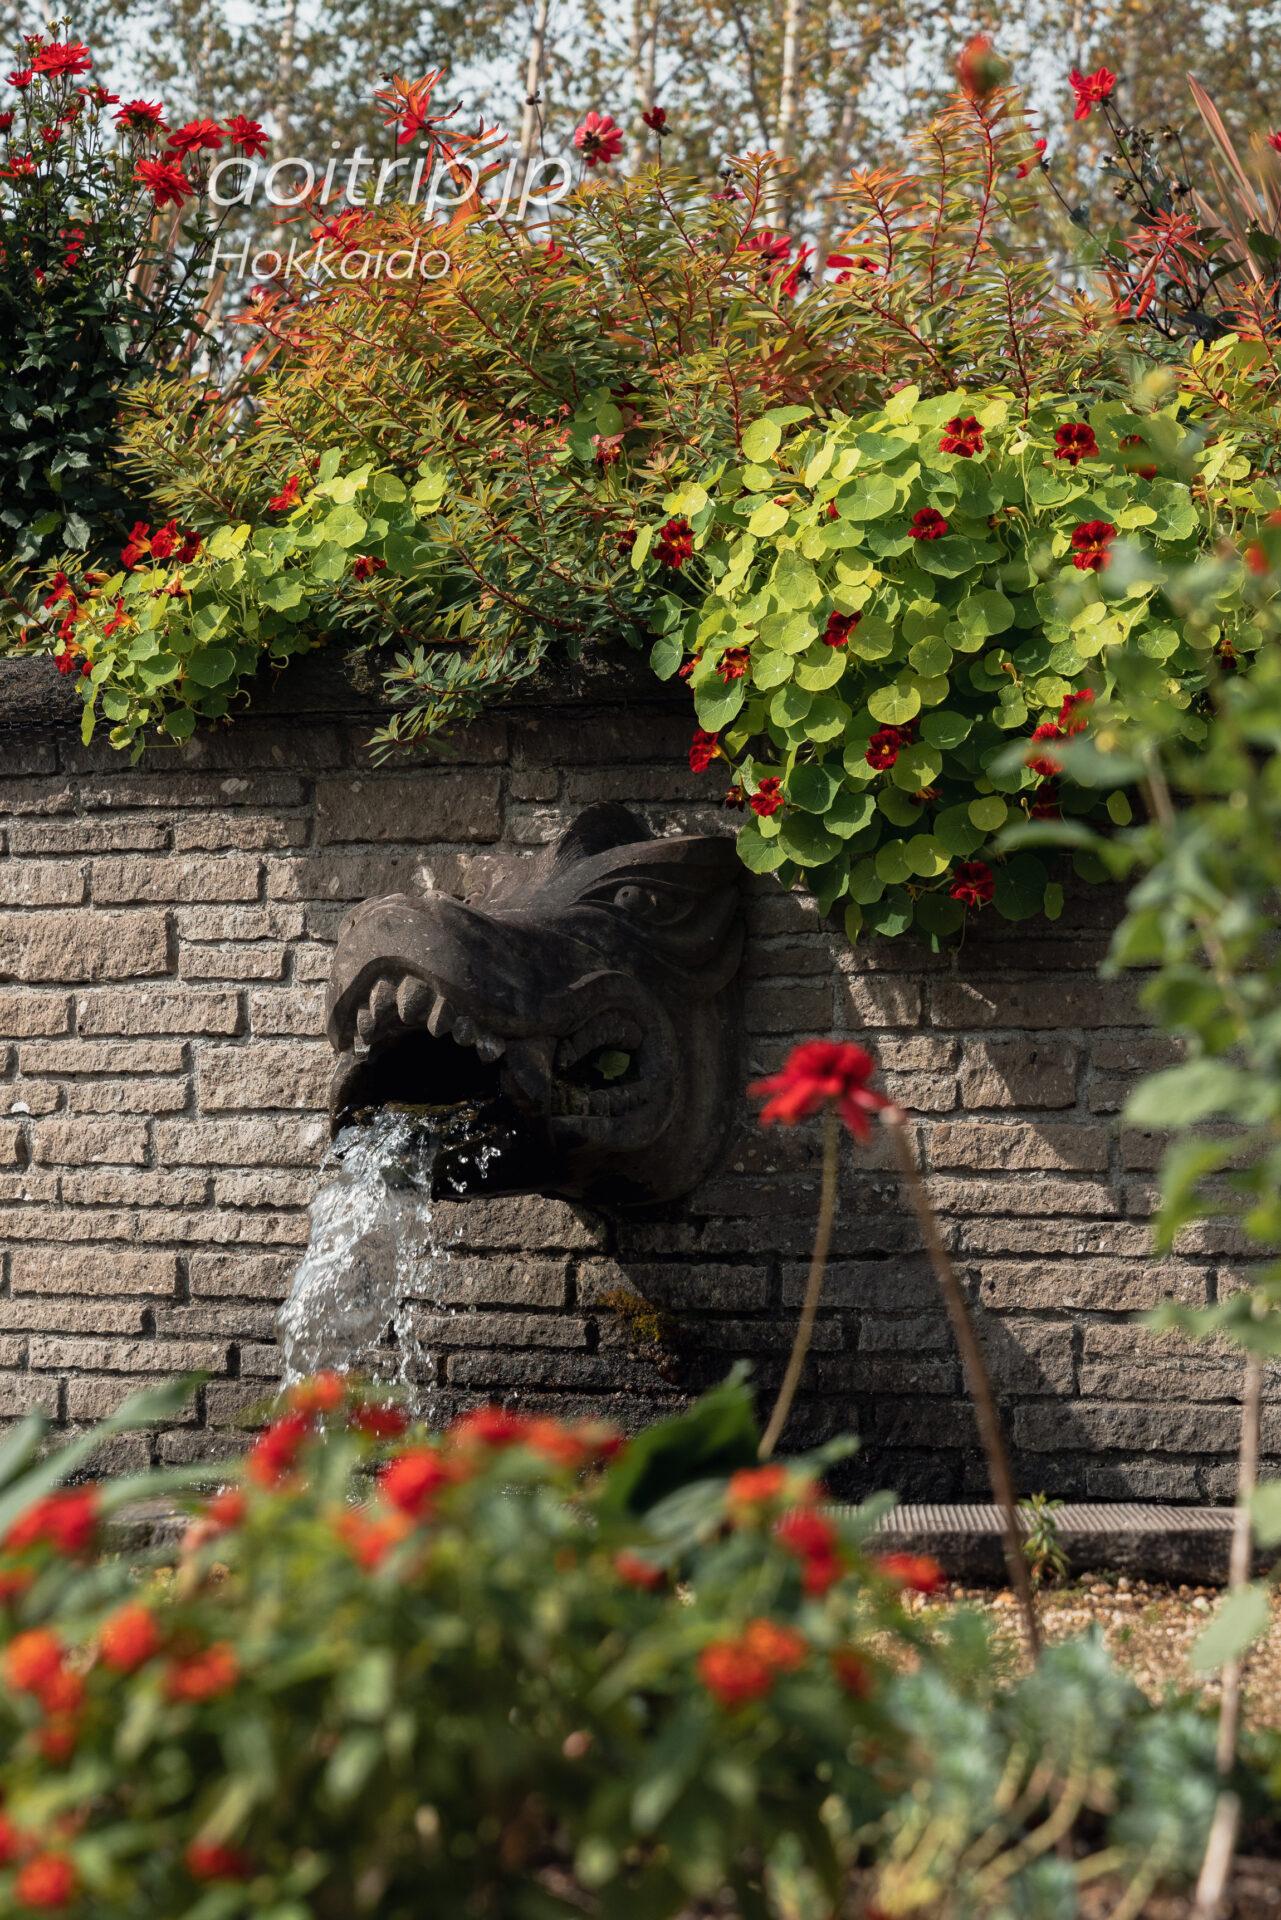 えこりん村 Ecorin Village 銀河庭園のドラゴンガーデン